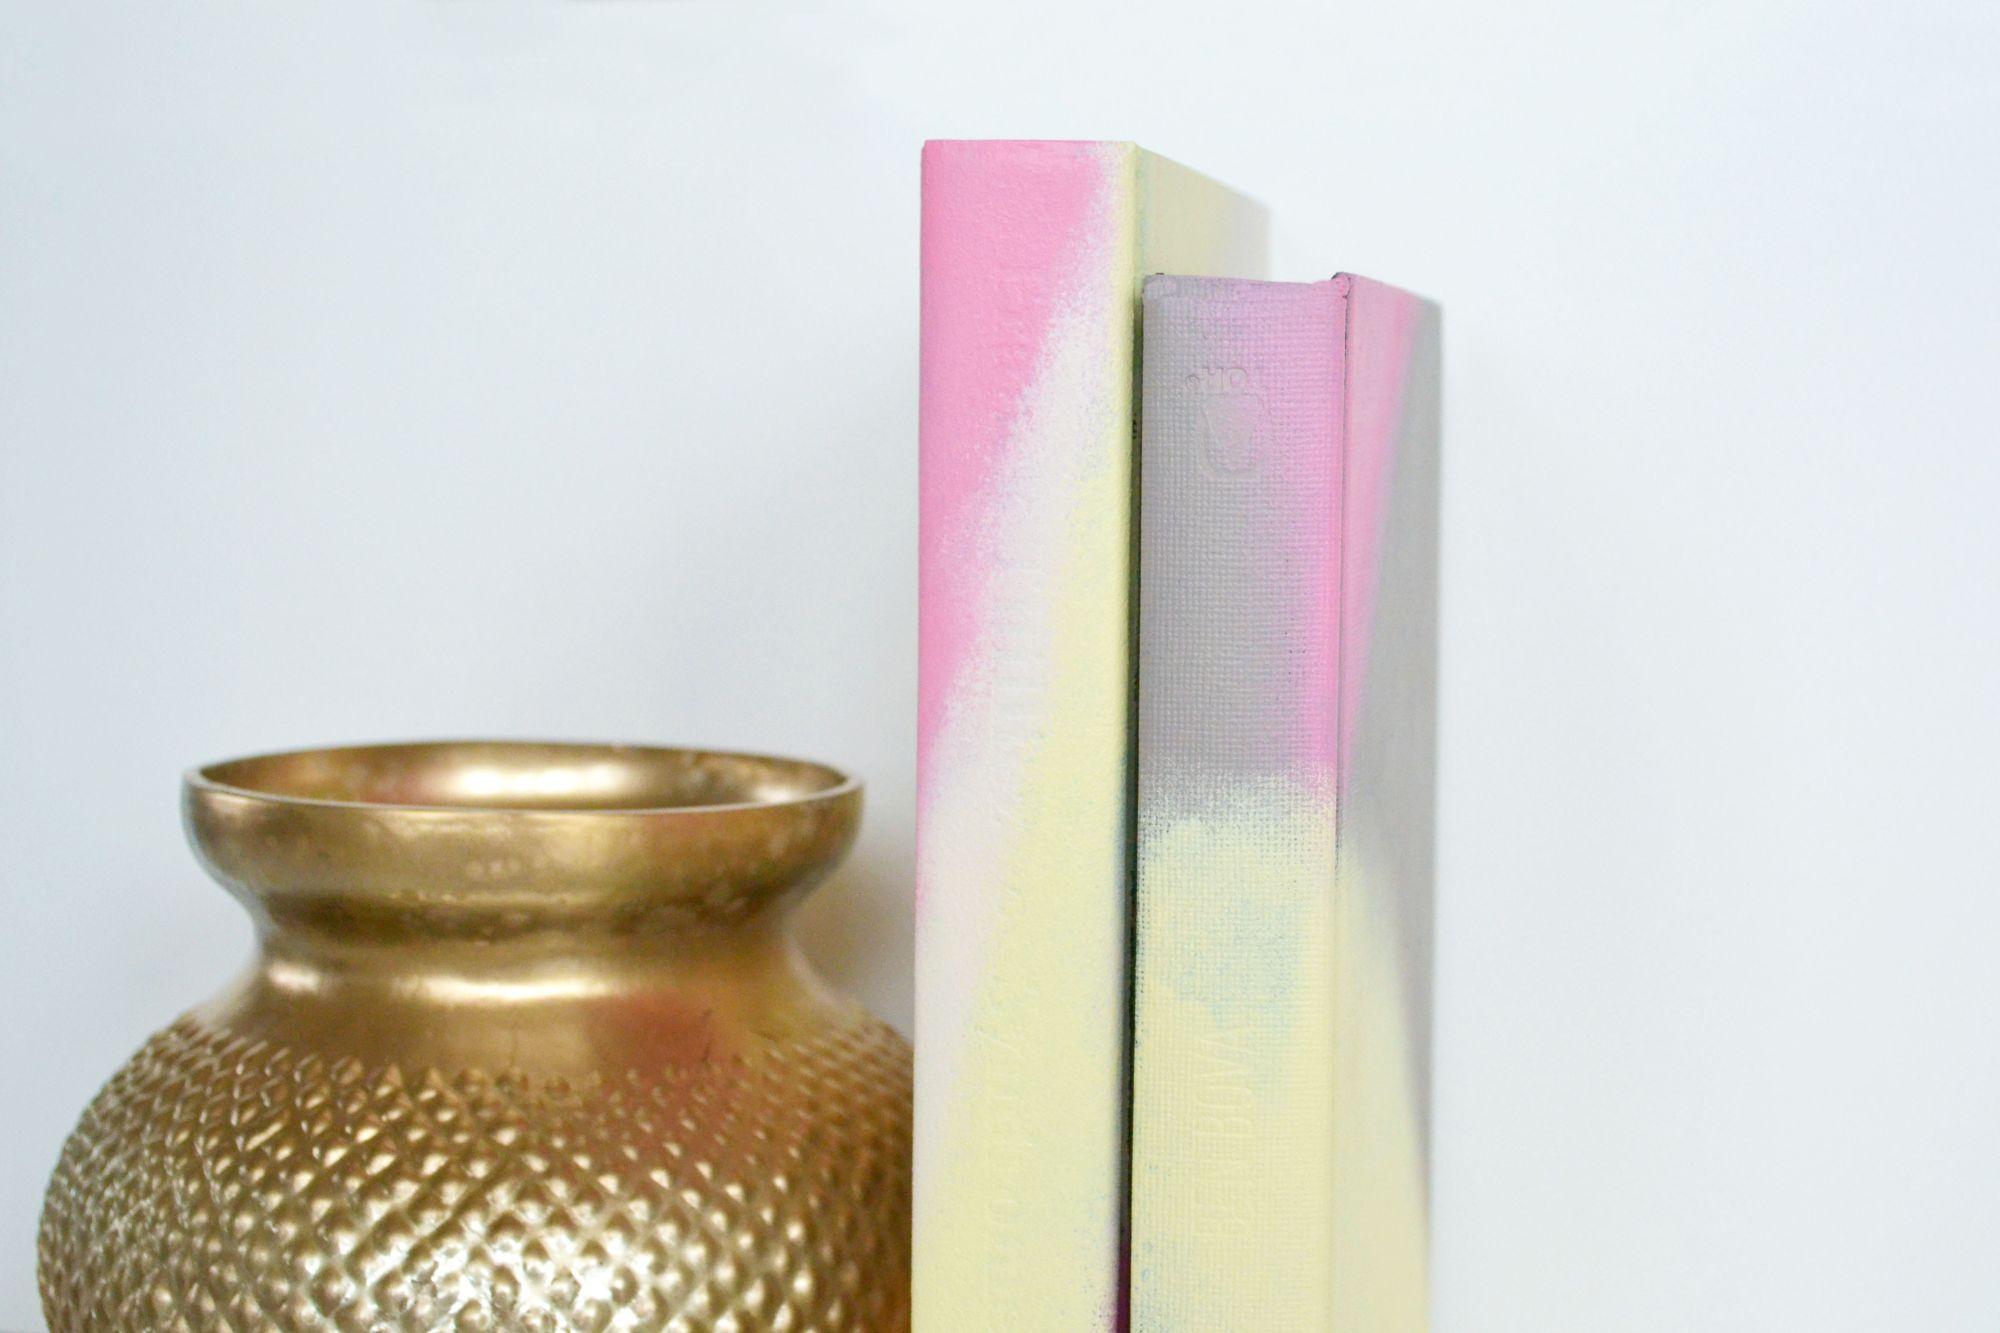 Ombre Painted Journals Arrange Them